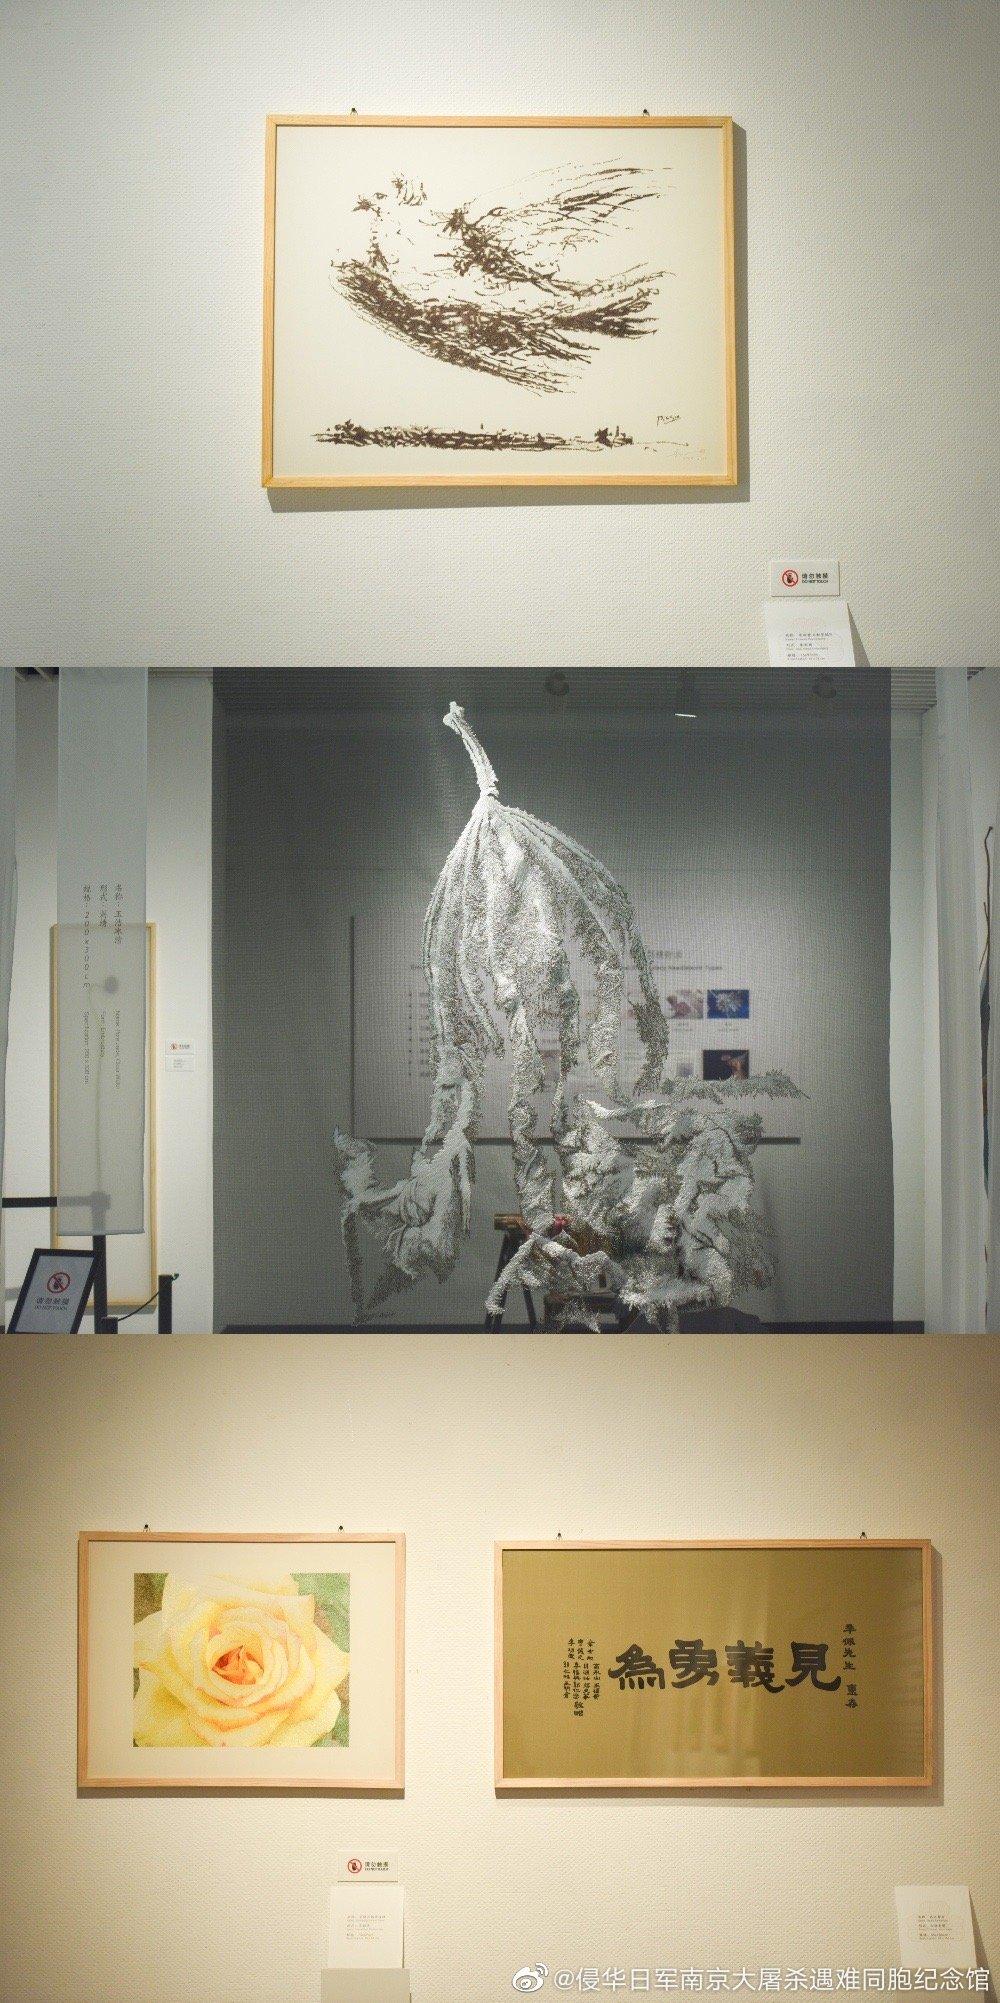 作为纪念馆史上首个将苏绣技艺与历史文化相结合的展览